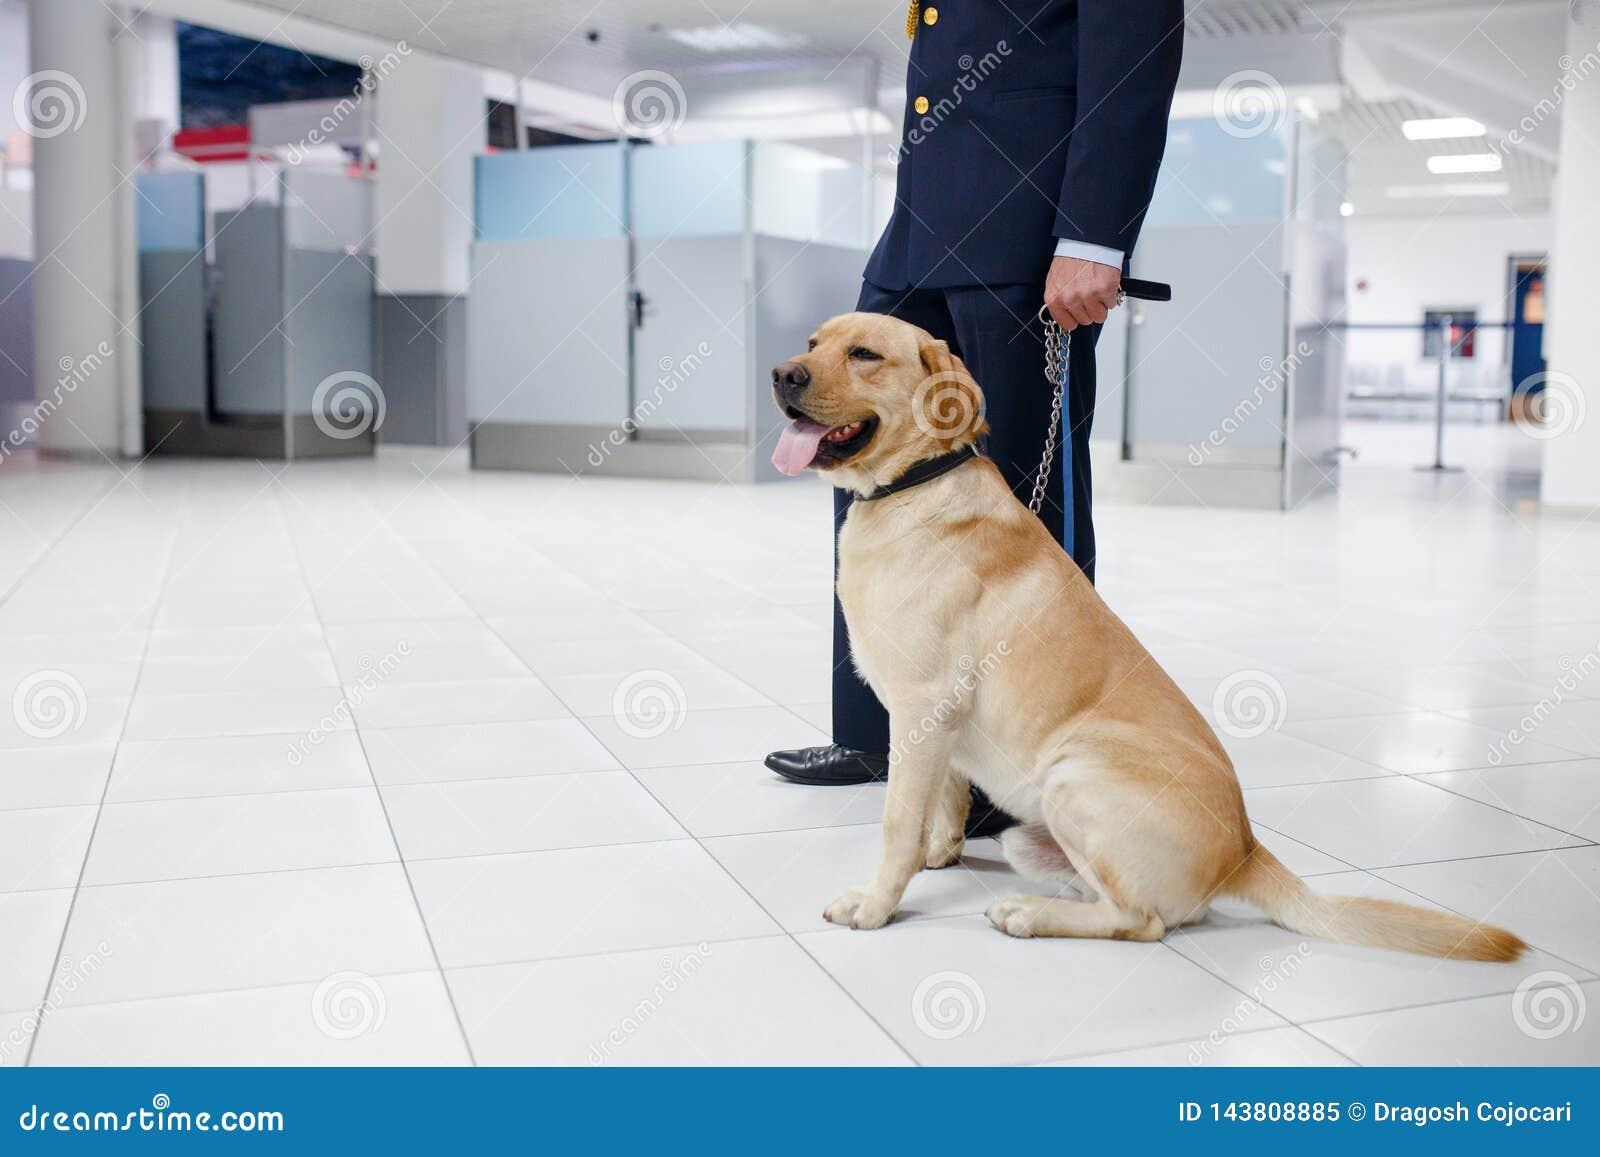 Собака Лабрадор для обнаруживать лекарства на положении аэропорта около таможен защищает художническая детальная рамка Франция го